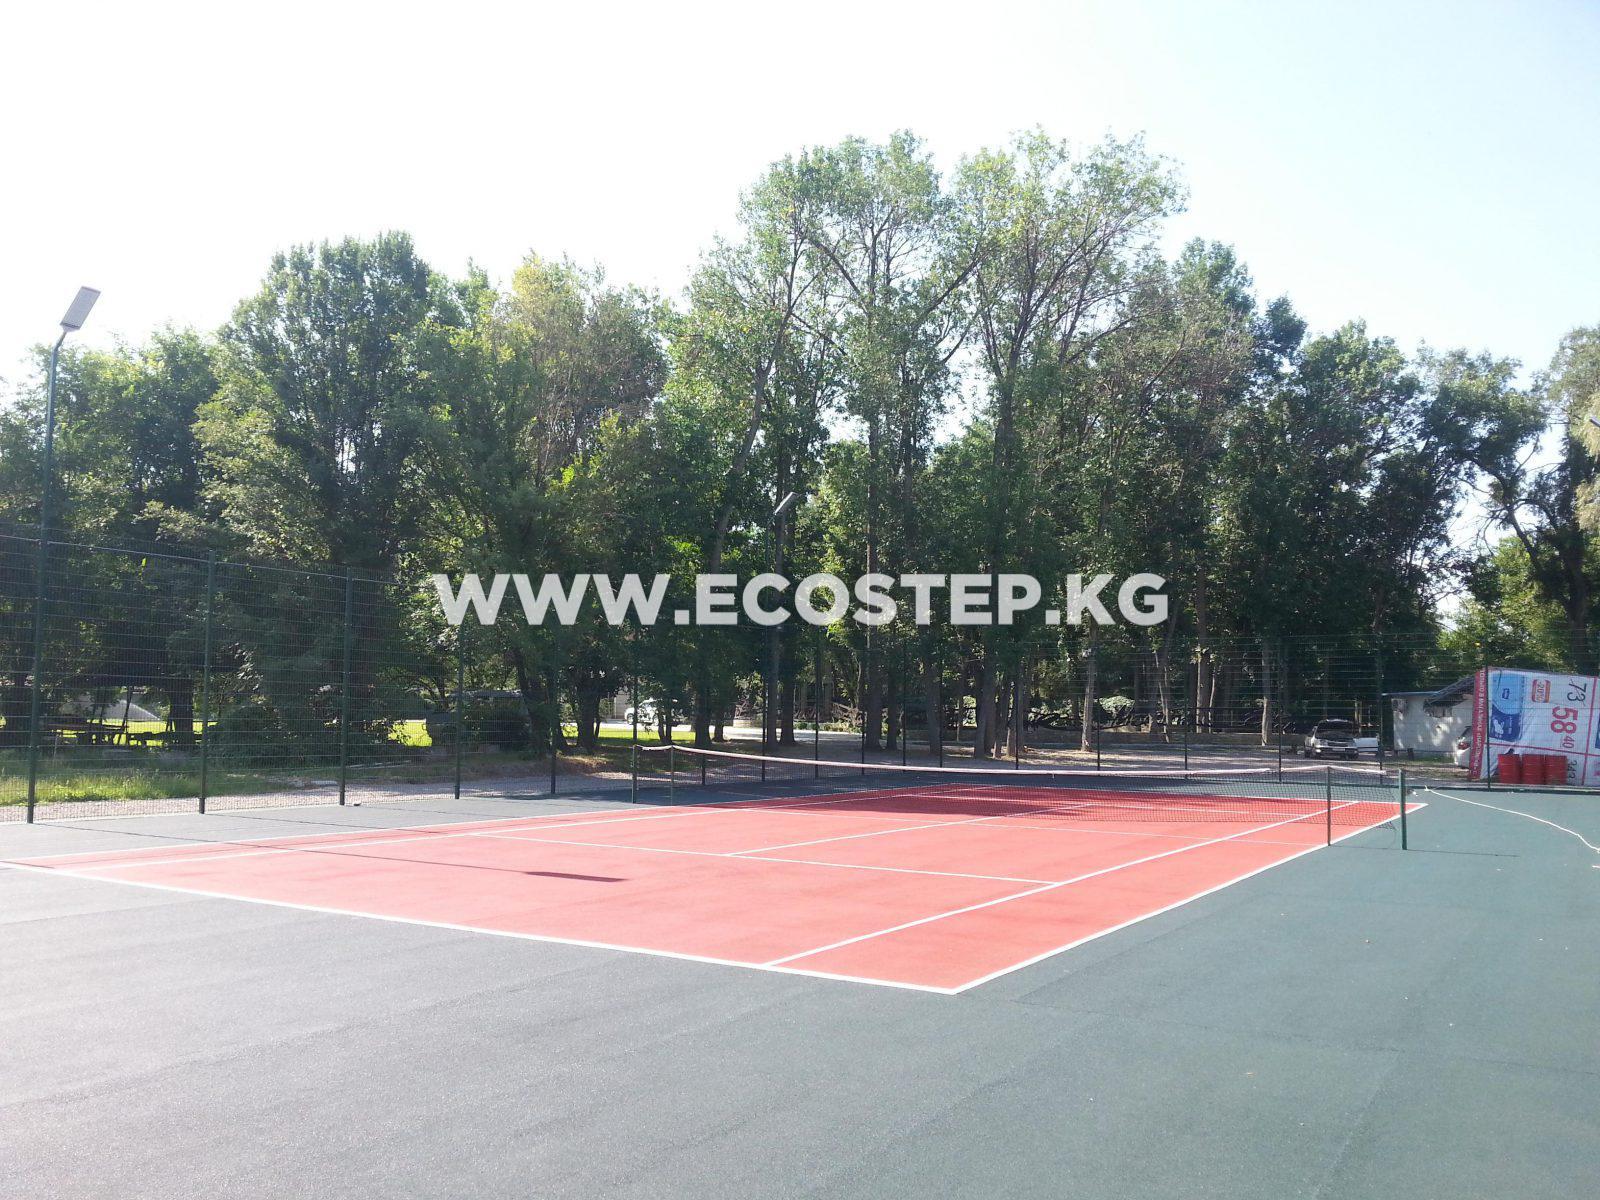 Теннисный корт - 2